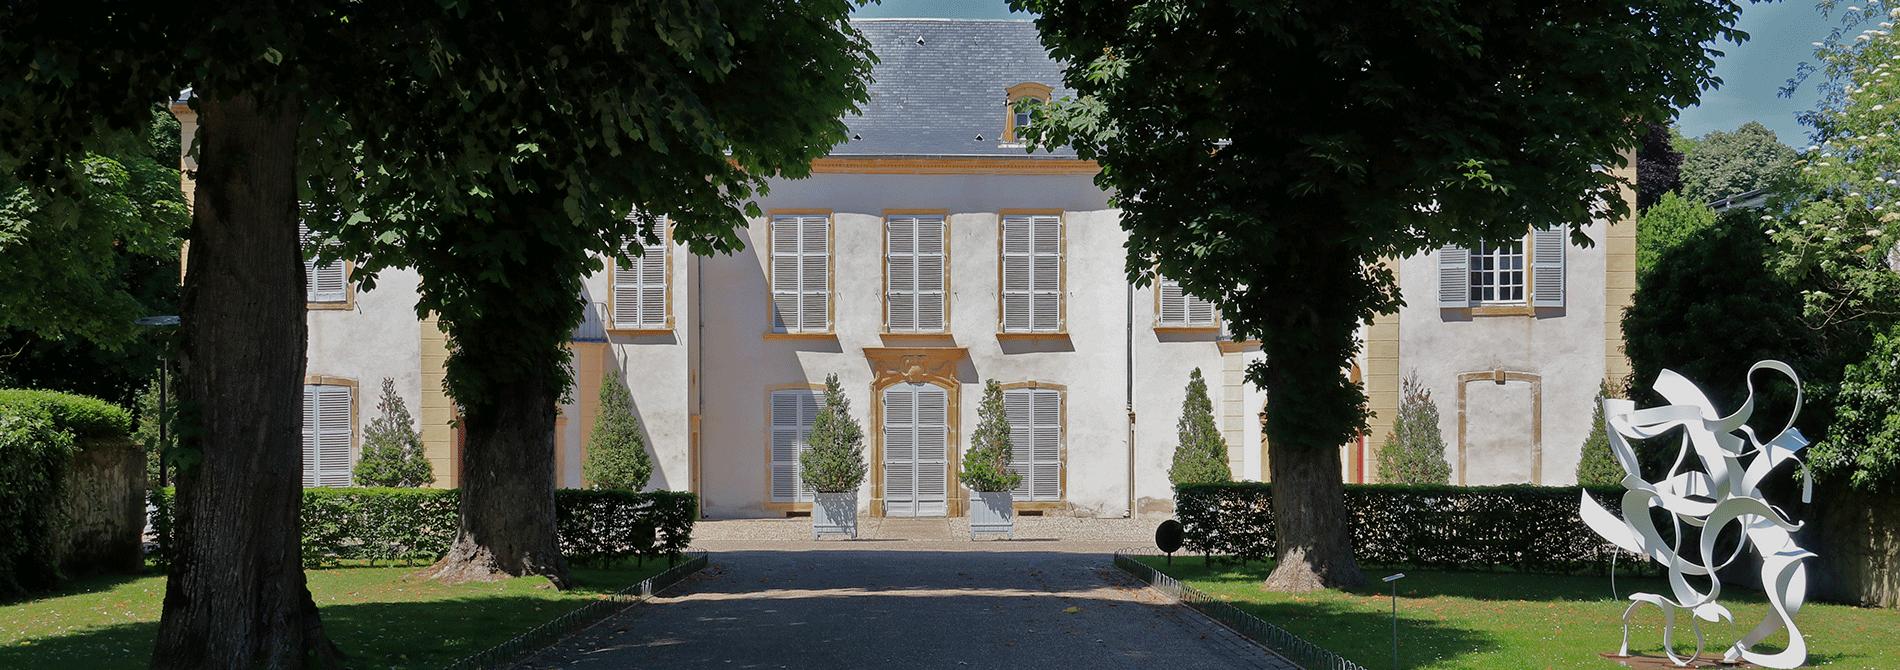 centre d'imagerie de montiny les metz - chateau de courcelles